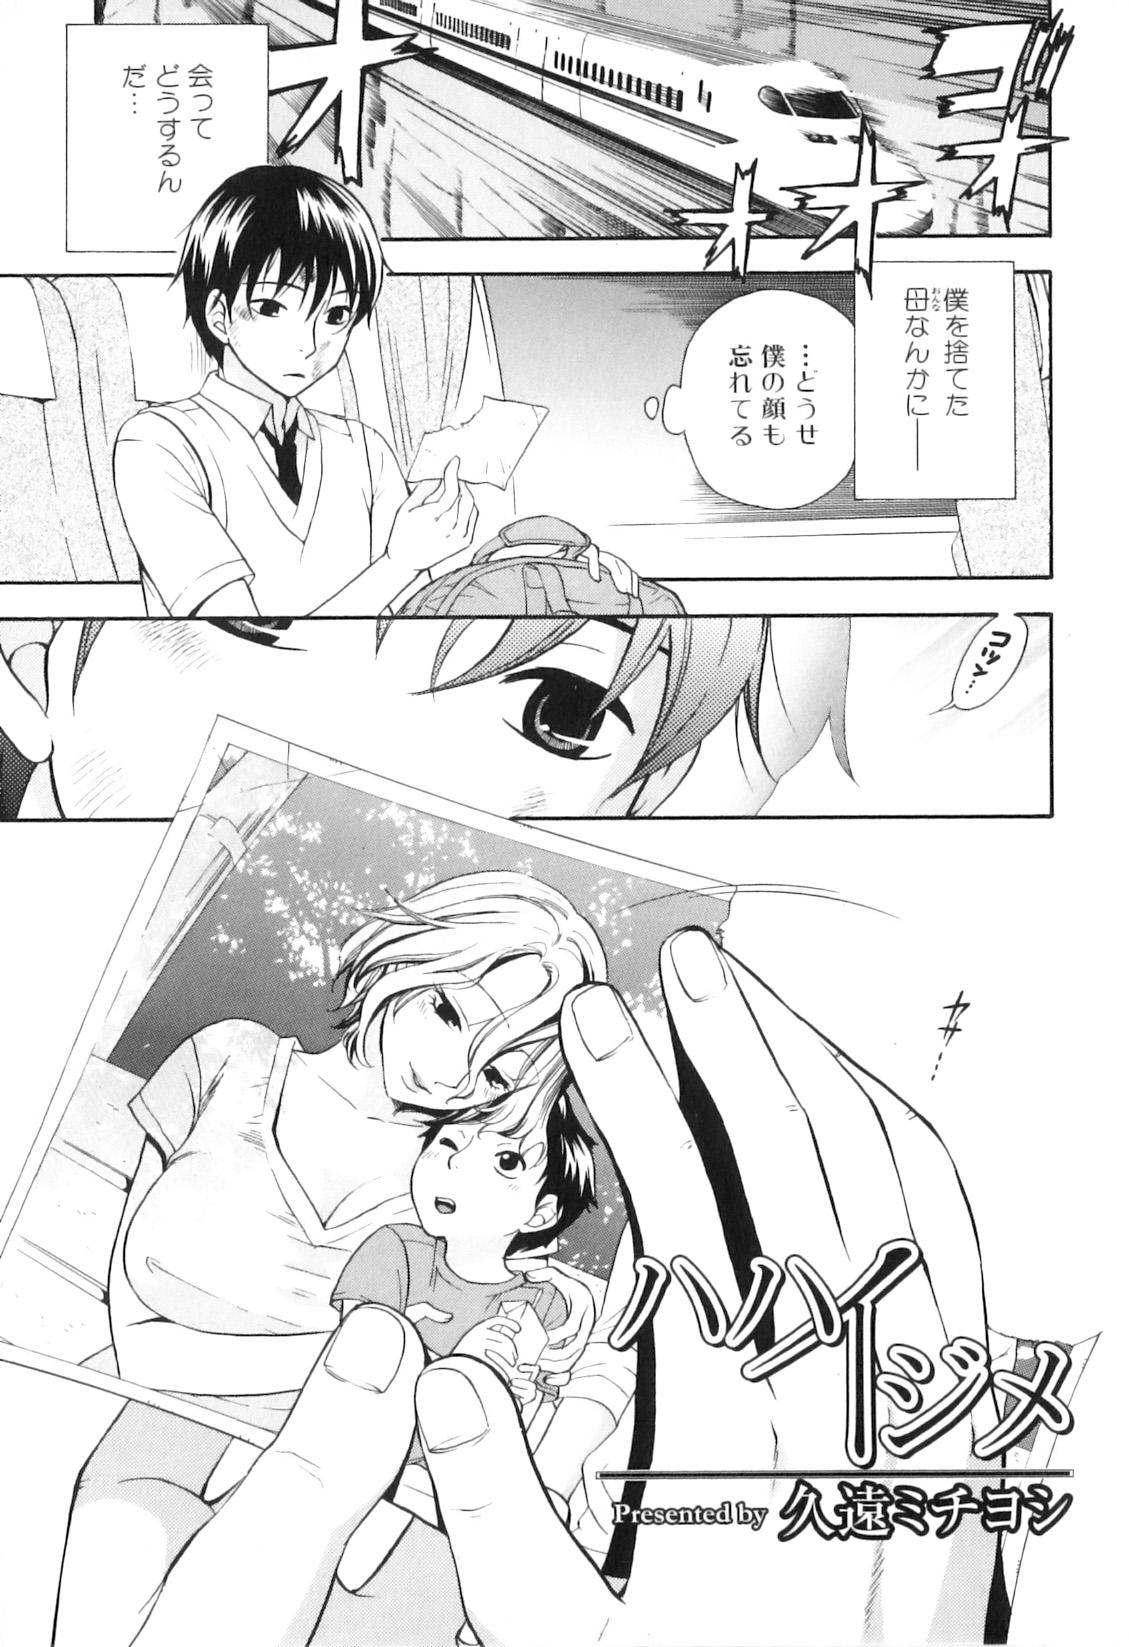 Yokujou Boshi - Desire Mother and Child 68